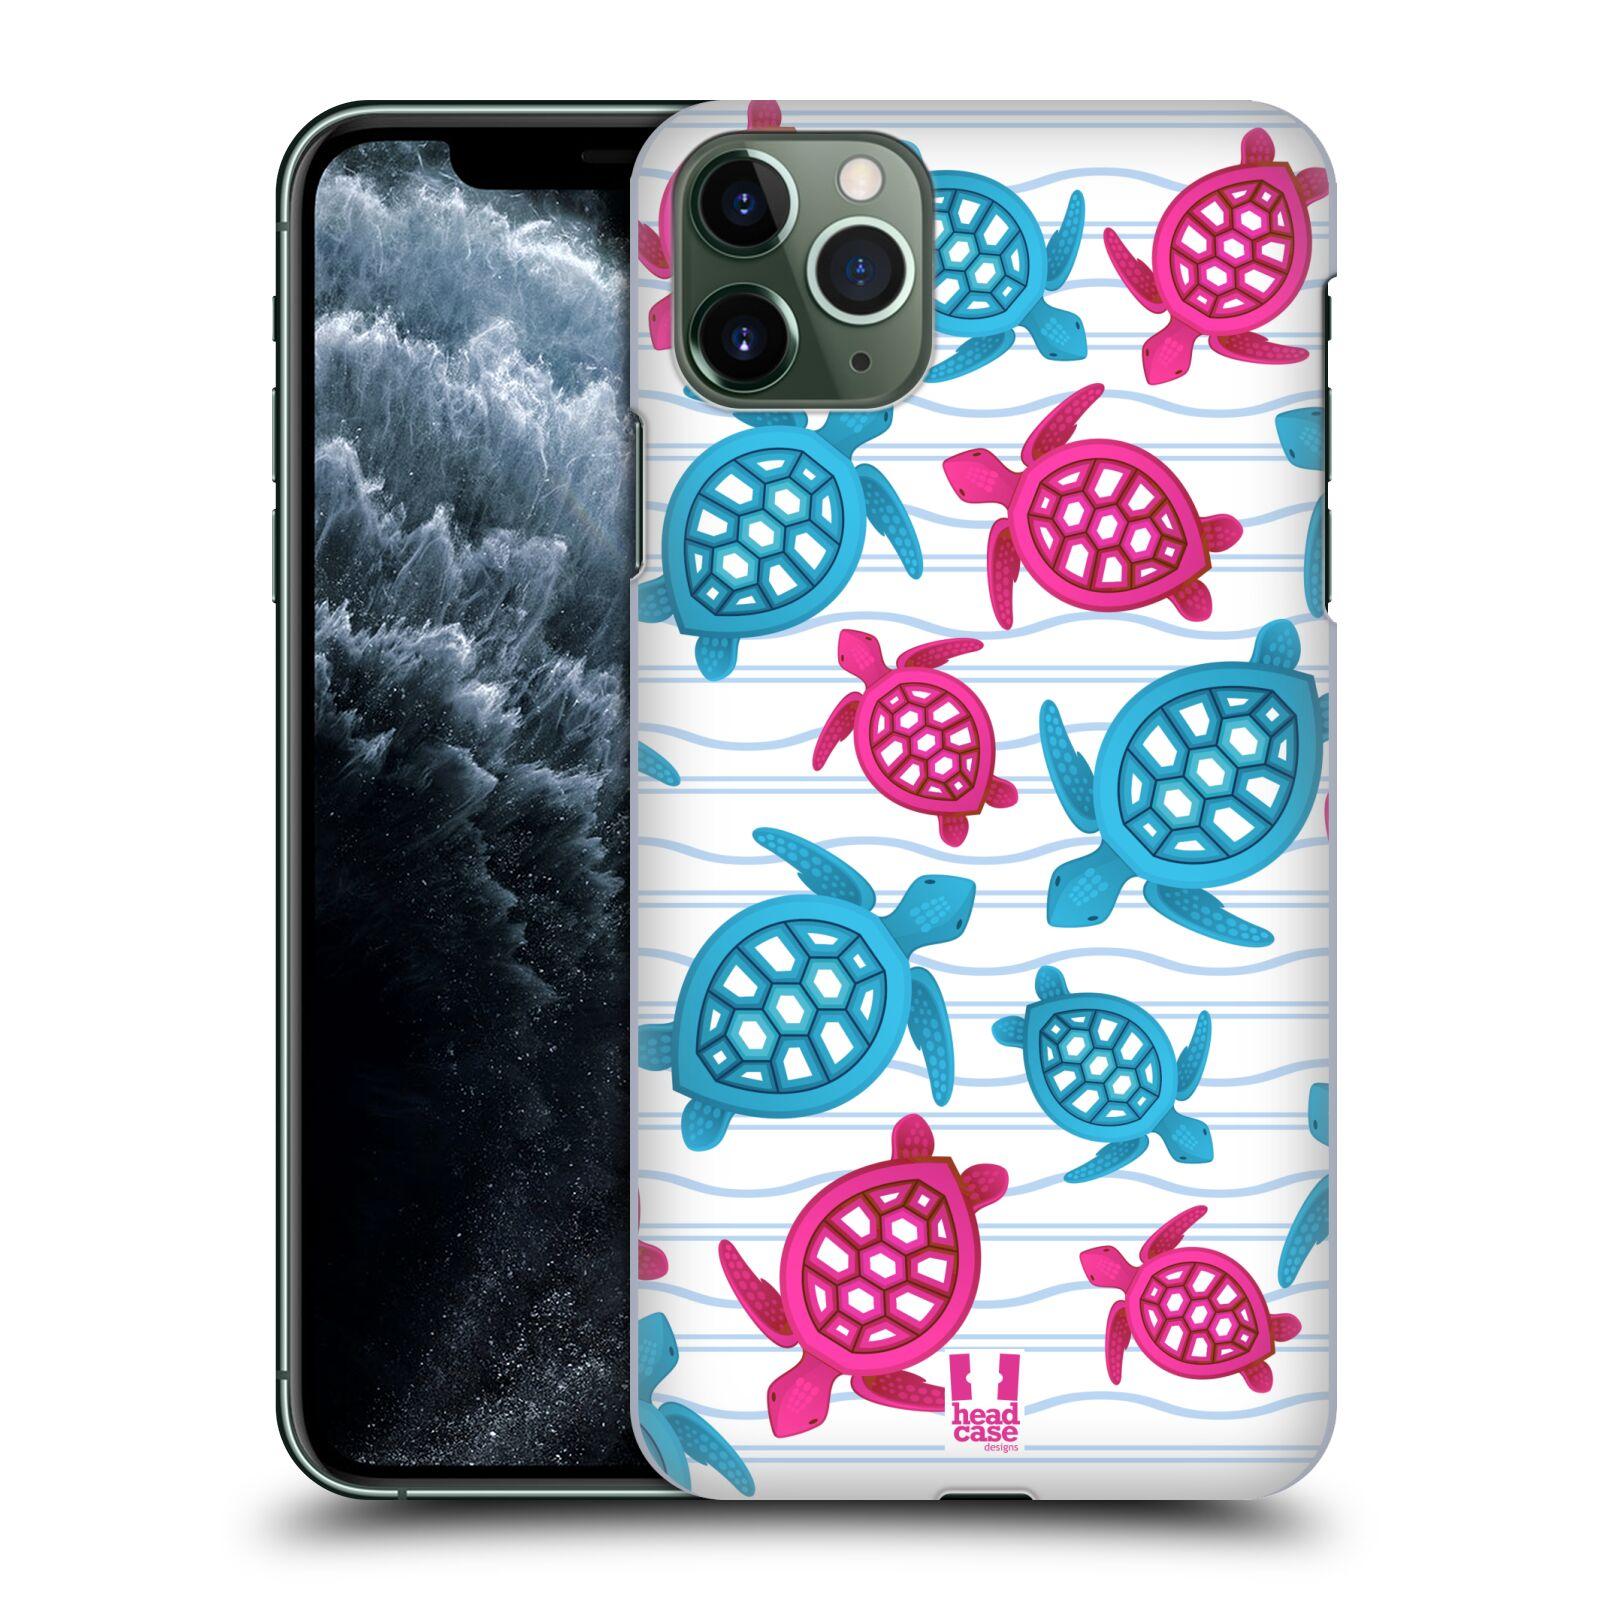 Pouzdro na mobil Apple Iphone 11 PRO MAX - HEAD CASE - vzor mořský živočich želva modrá a růžová